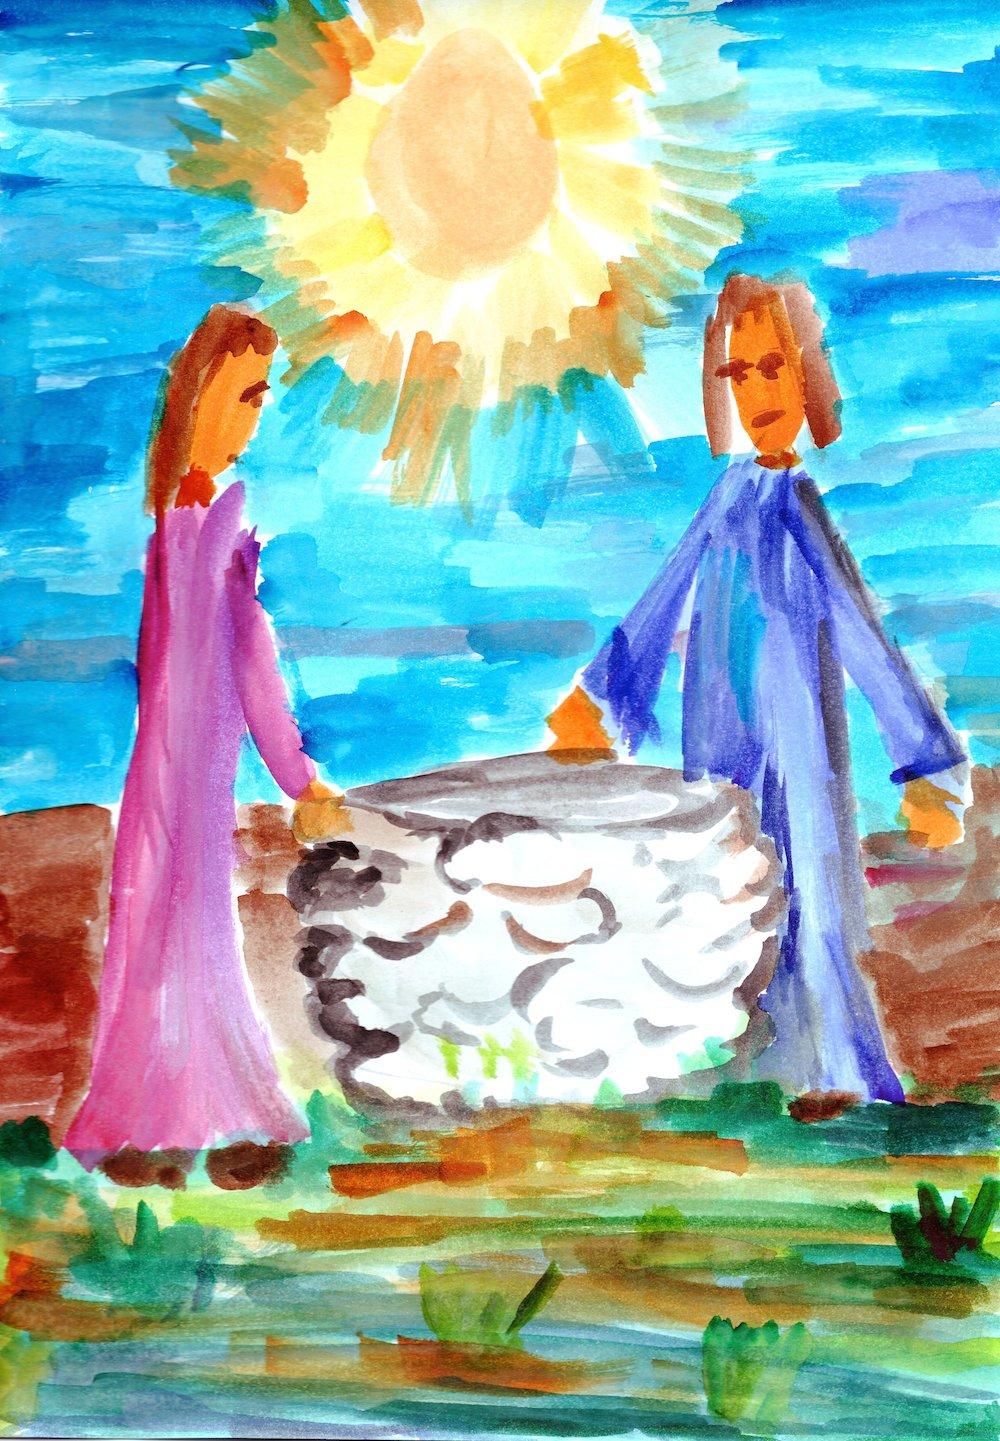 Výsledok vyhľadávania obrázkov pre dopyt samaritánka pri studni